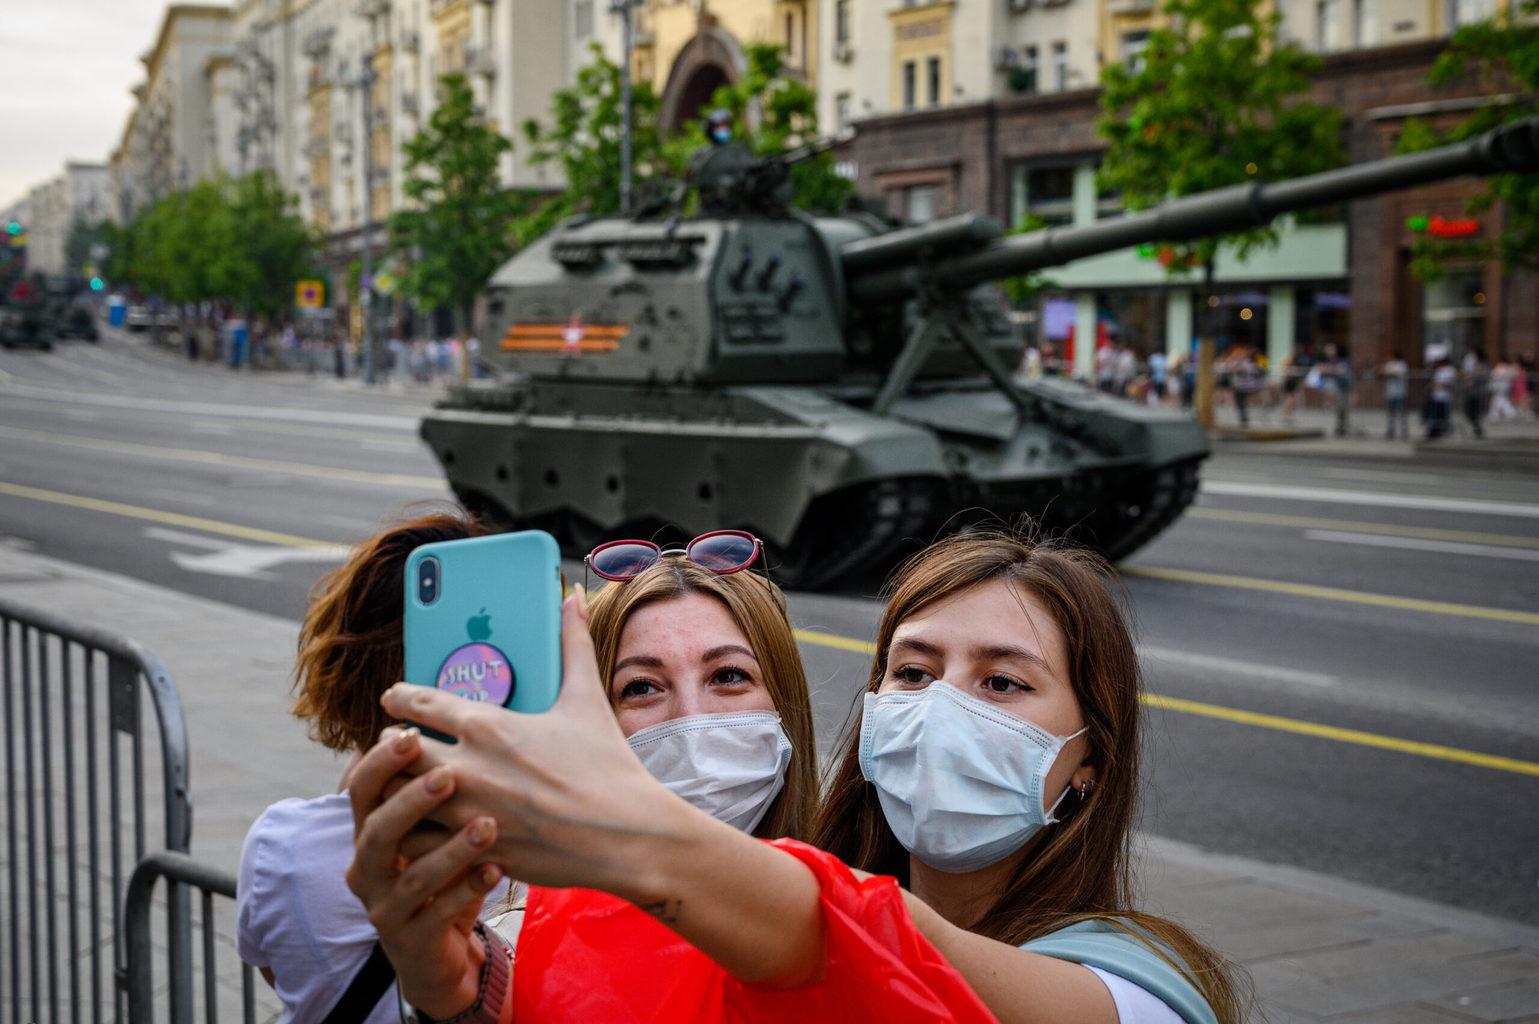 Védőmaszkos hölgyek készítenek szelfit a Győzelem napjára rendezett parádé próbáján egy harckocsi előtt Moszkvában 2020. június 17-én #moszkvater